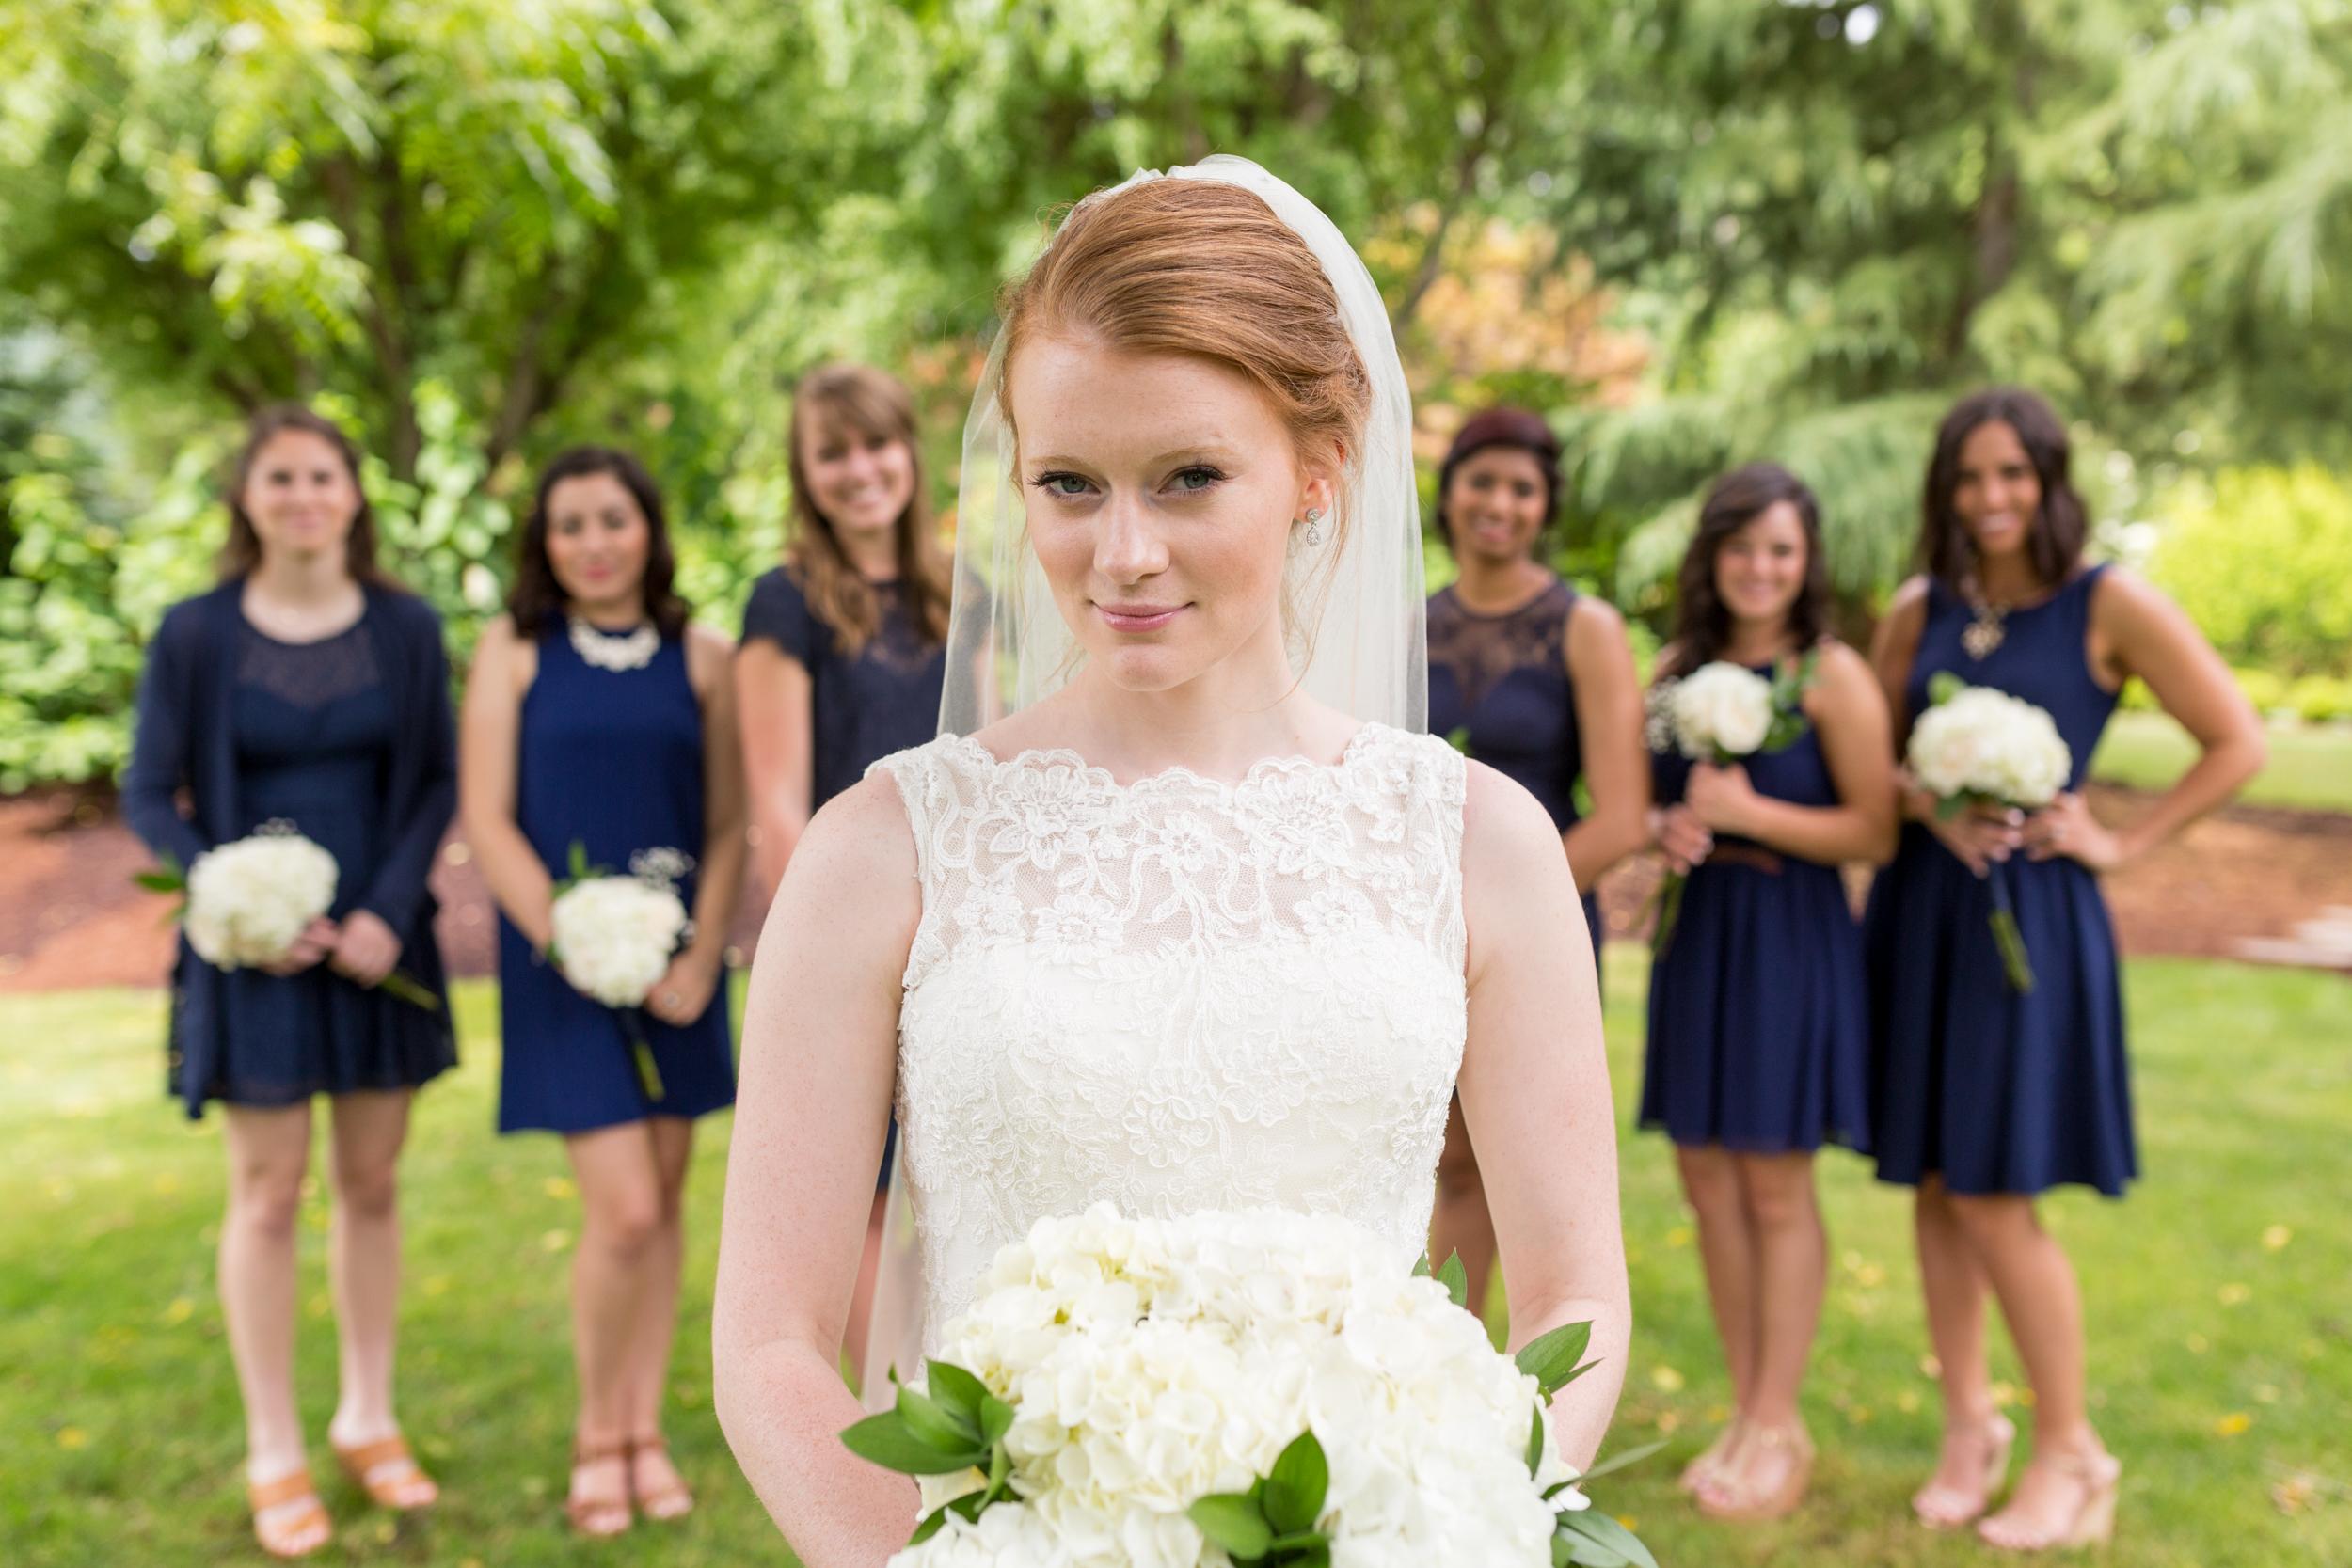 fain wedding photo-4.jpg